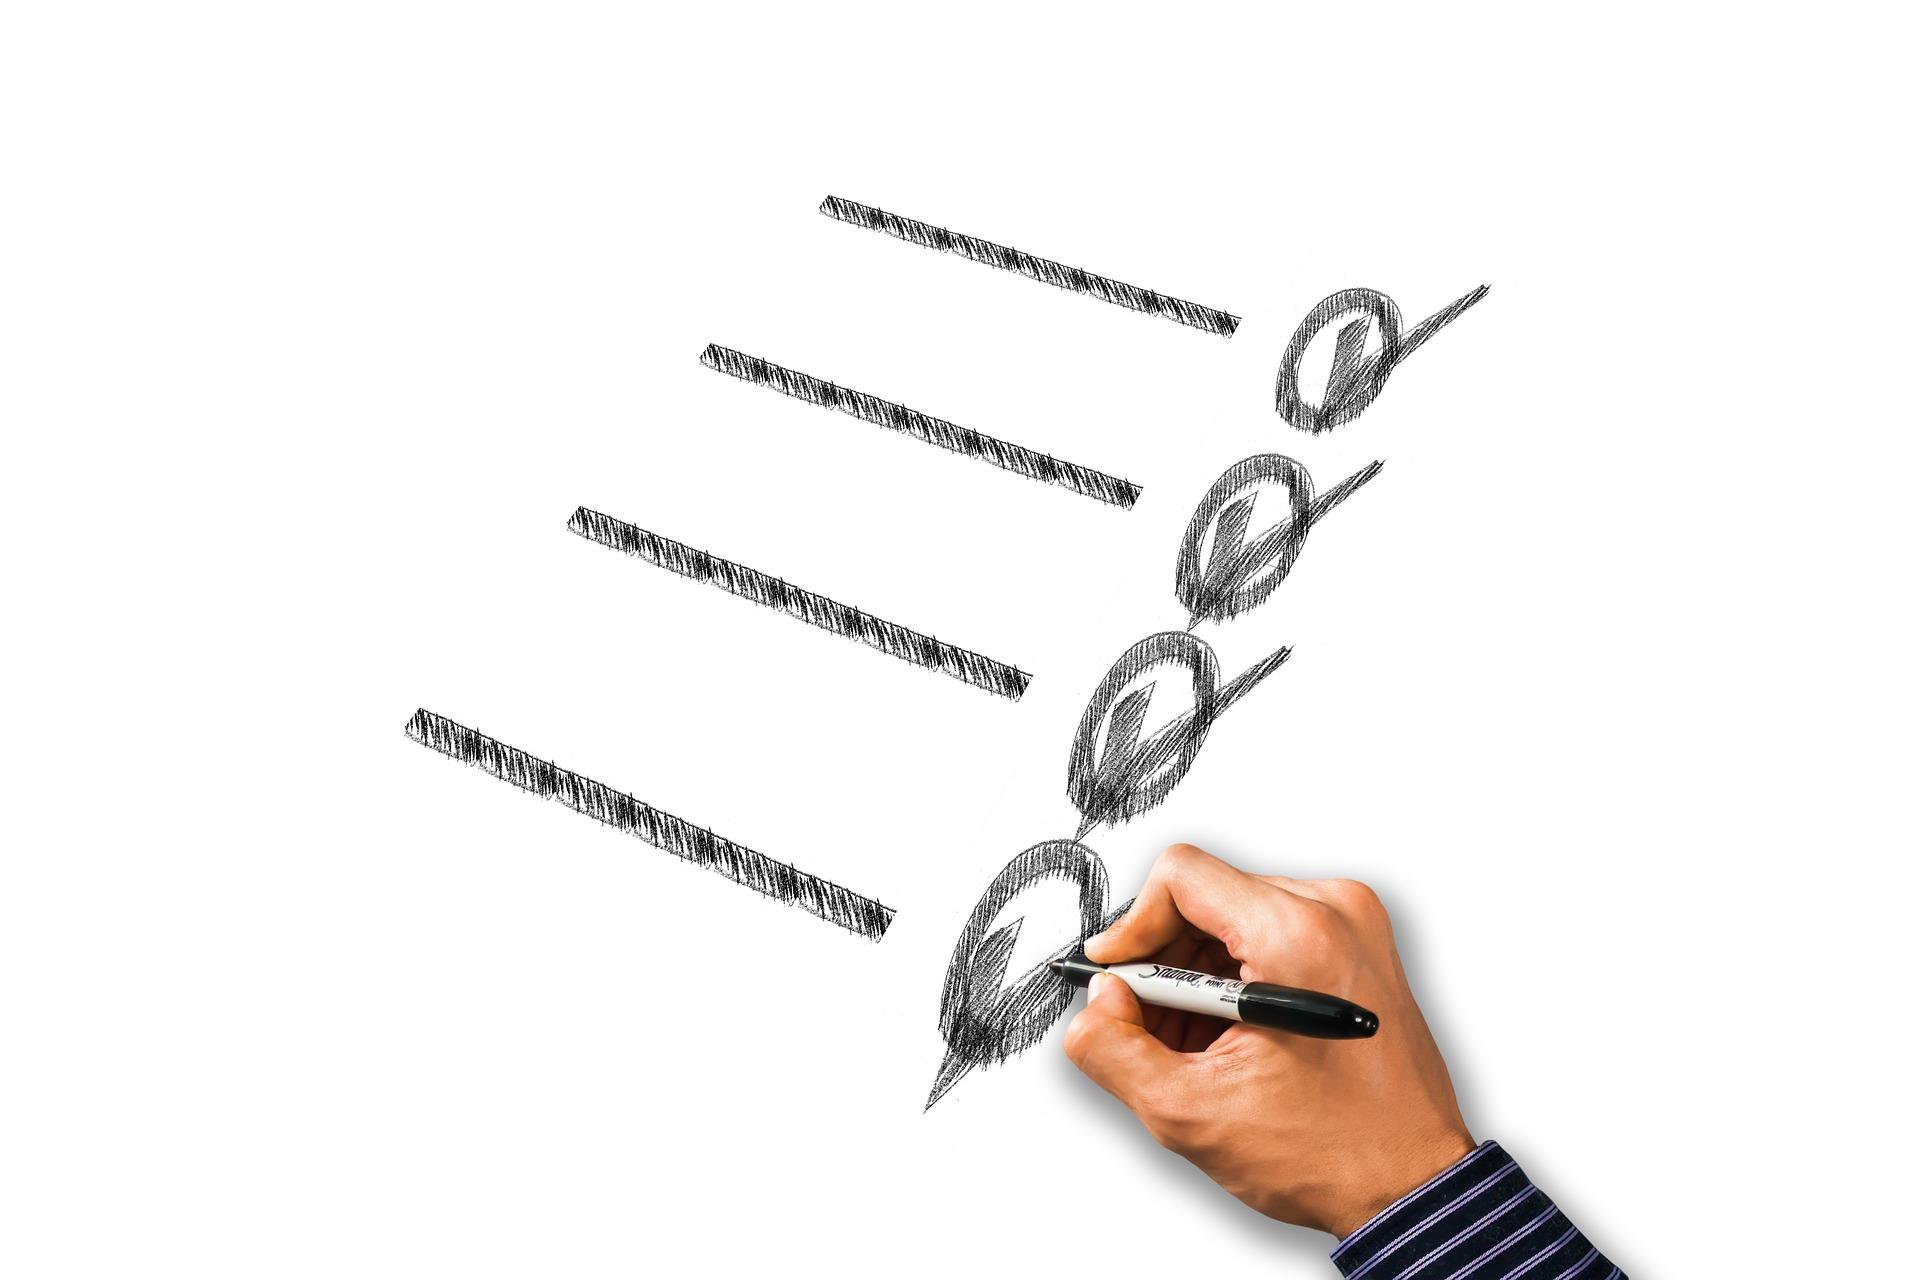 10_conseils_rapides_et_faciles_pour_venir_à_bout_de_votre_liste_de_choses_à_faire